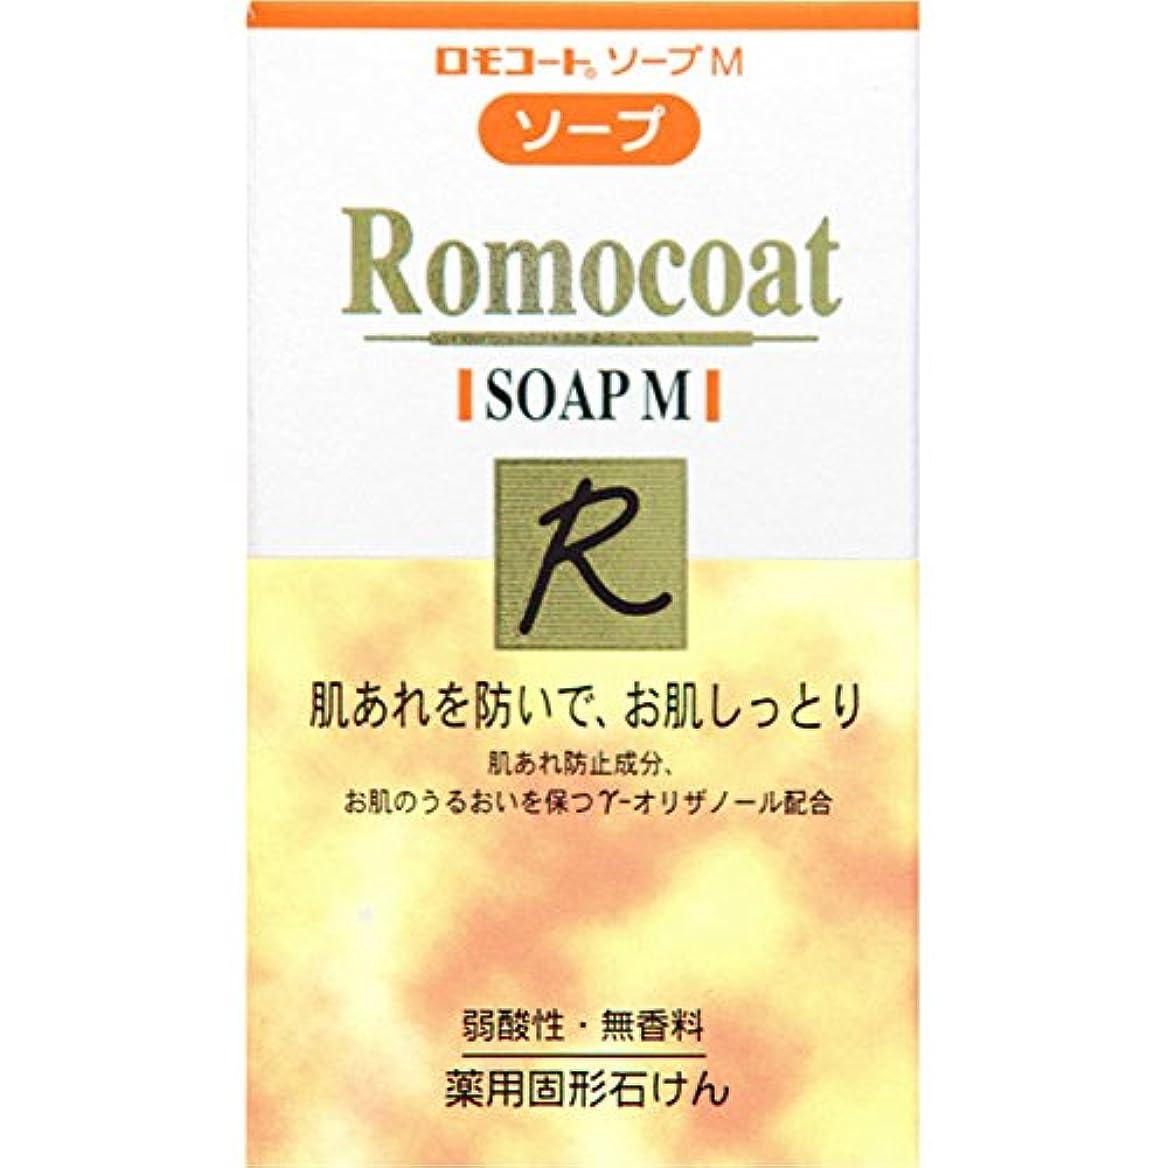 動力学意義怒り全薬工業 ロモコート ソープM 60g (医薬部外品)